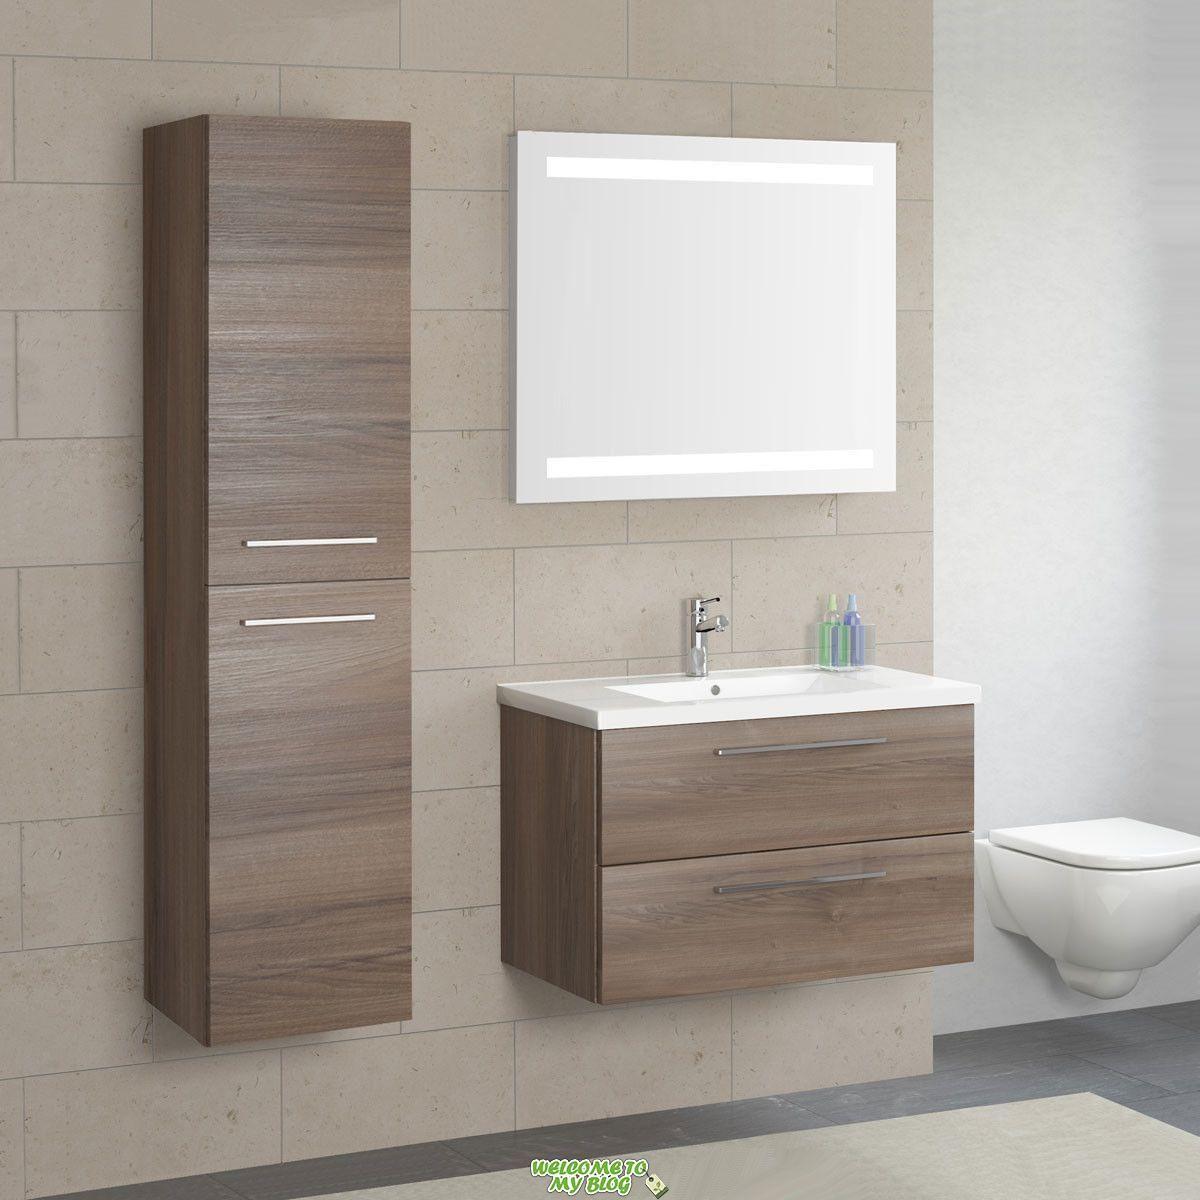 Mueble Bajo Lavabo Suspendido Sevilla Y Lavabo Nogal 800 Mm En 2020 Muebles Bajo Lavabo Muebles Baño Moderno Muebles Para Baños Modernos